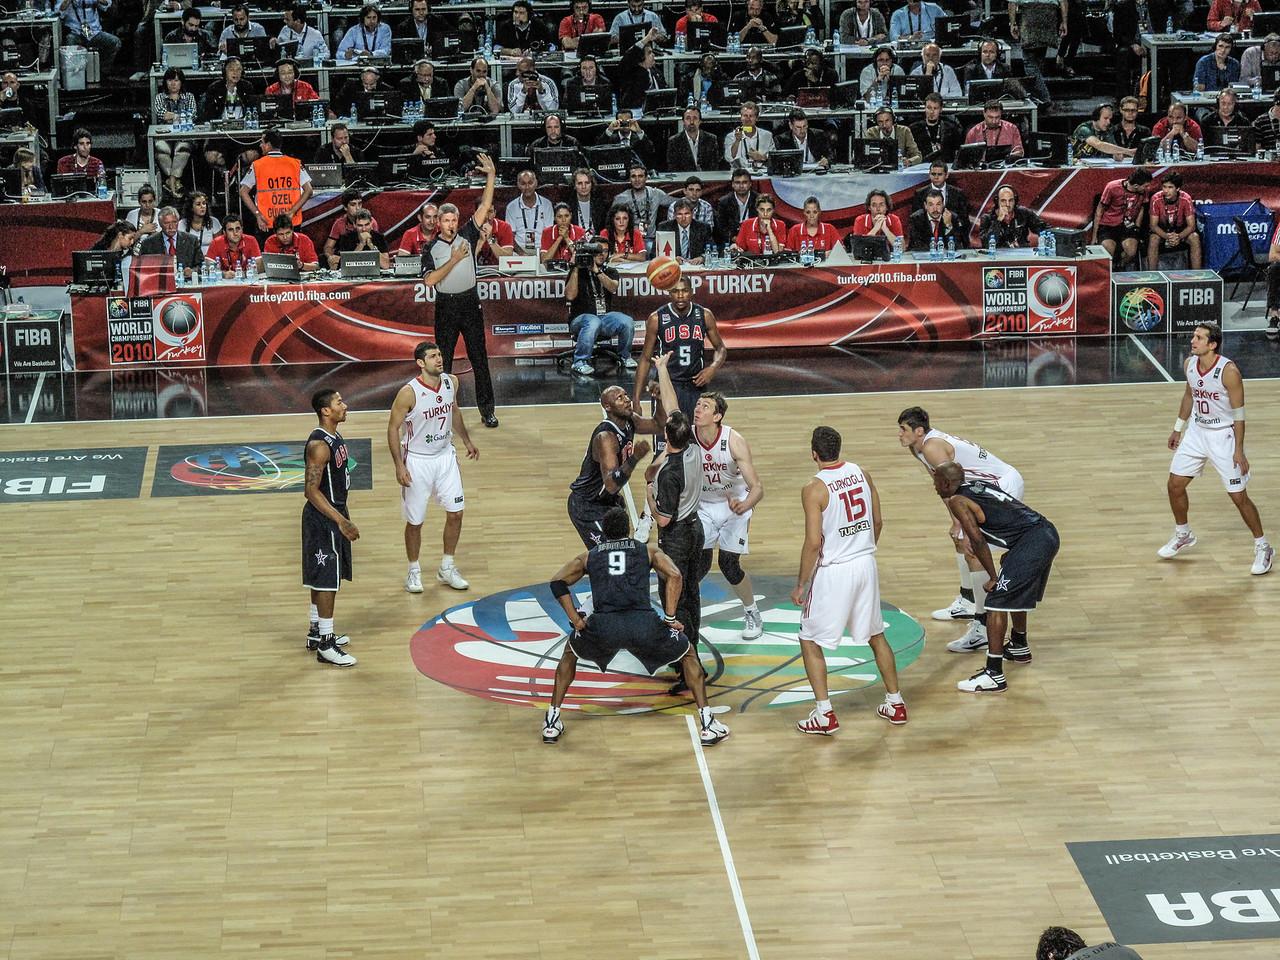 2010 FIBA Basketball Championship